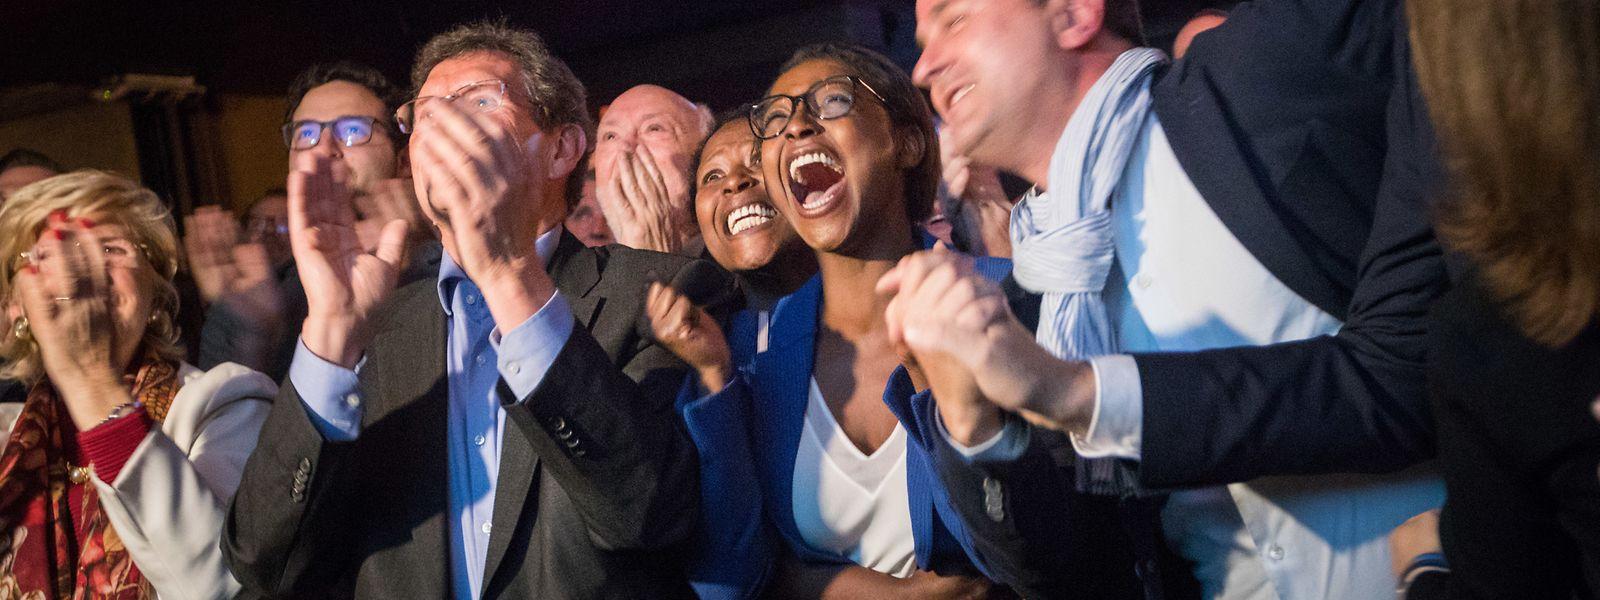 Die Liberalen waren angesichts des guten Resultats ganz aus dem Häuschen.